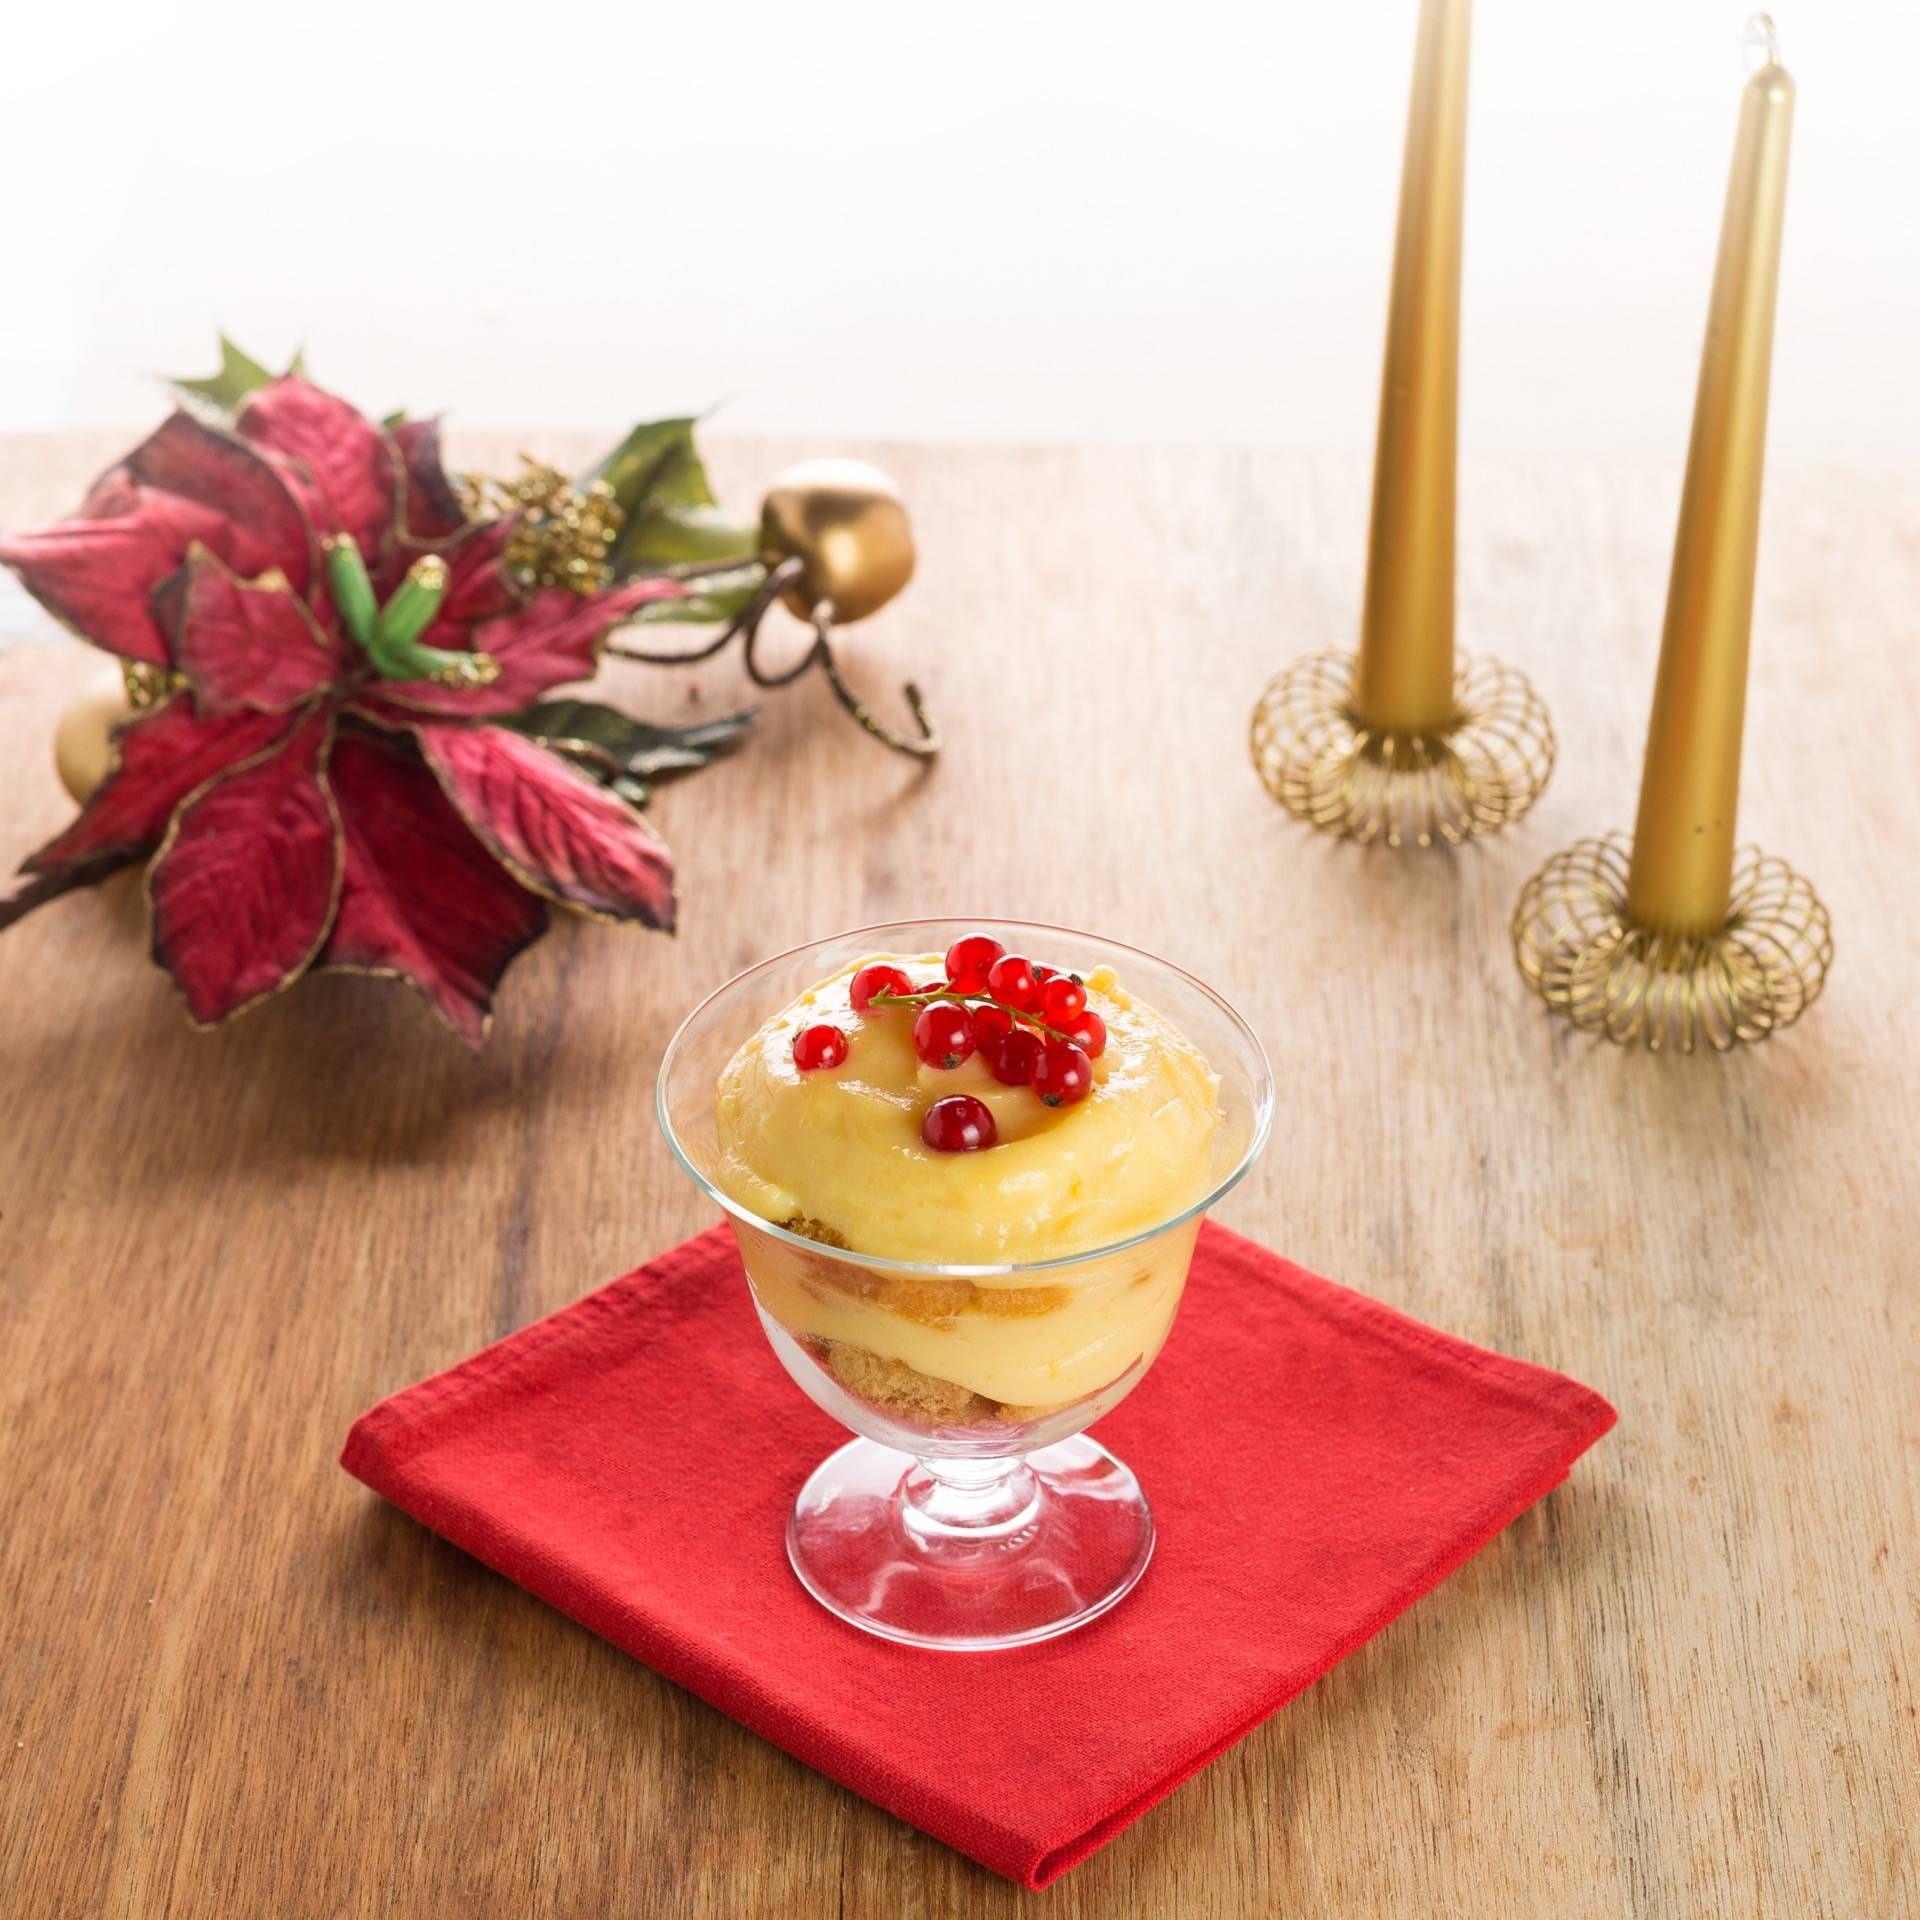 Pandoro in coppa con crema pasticcera - Parmalat